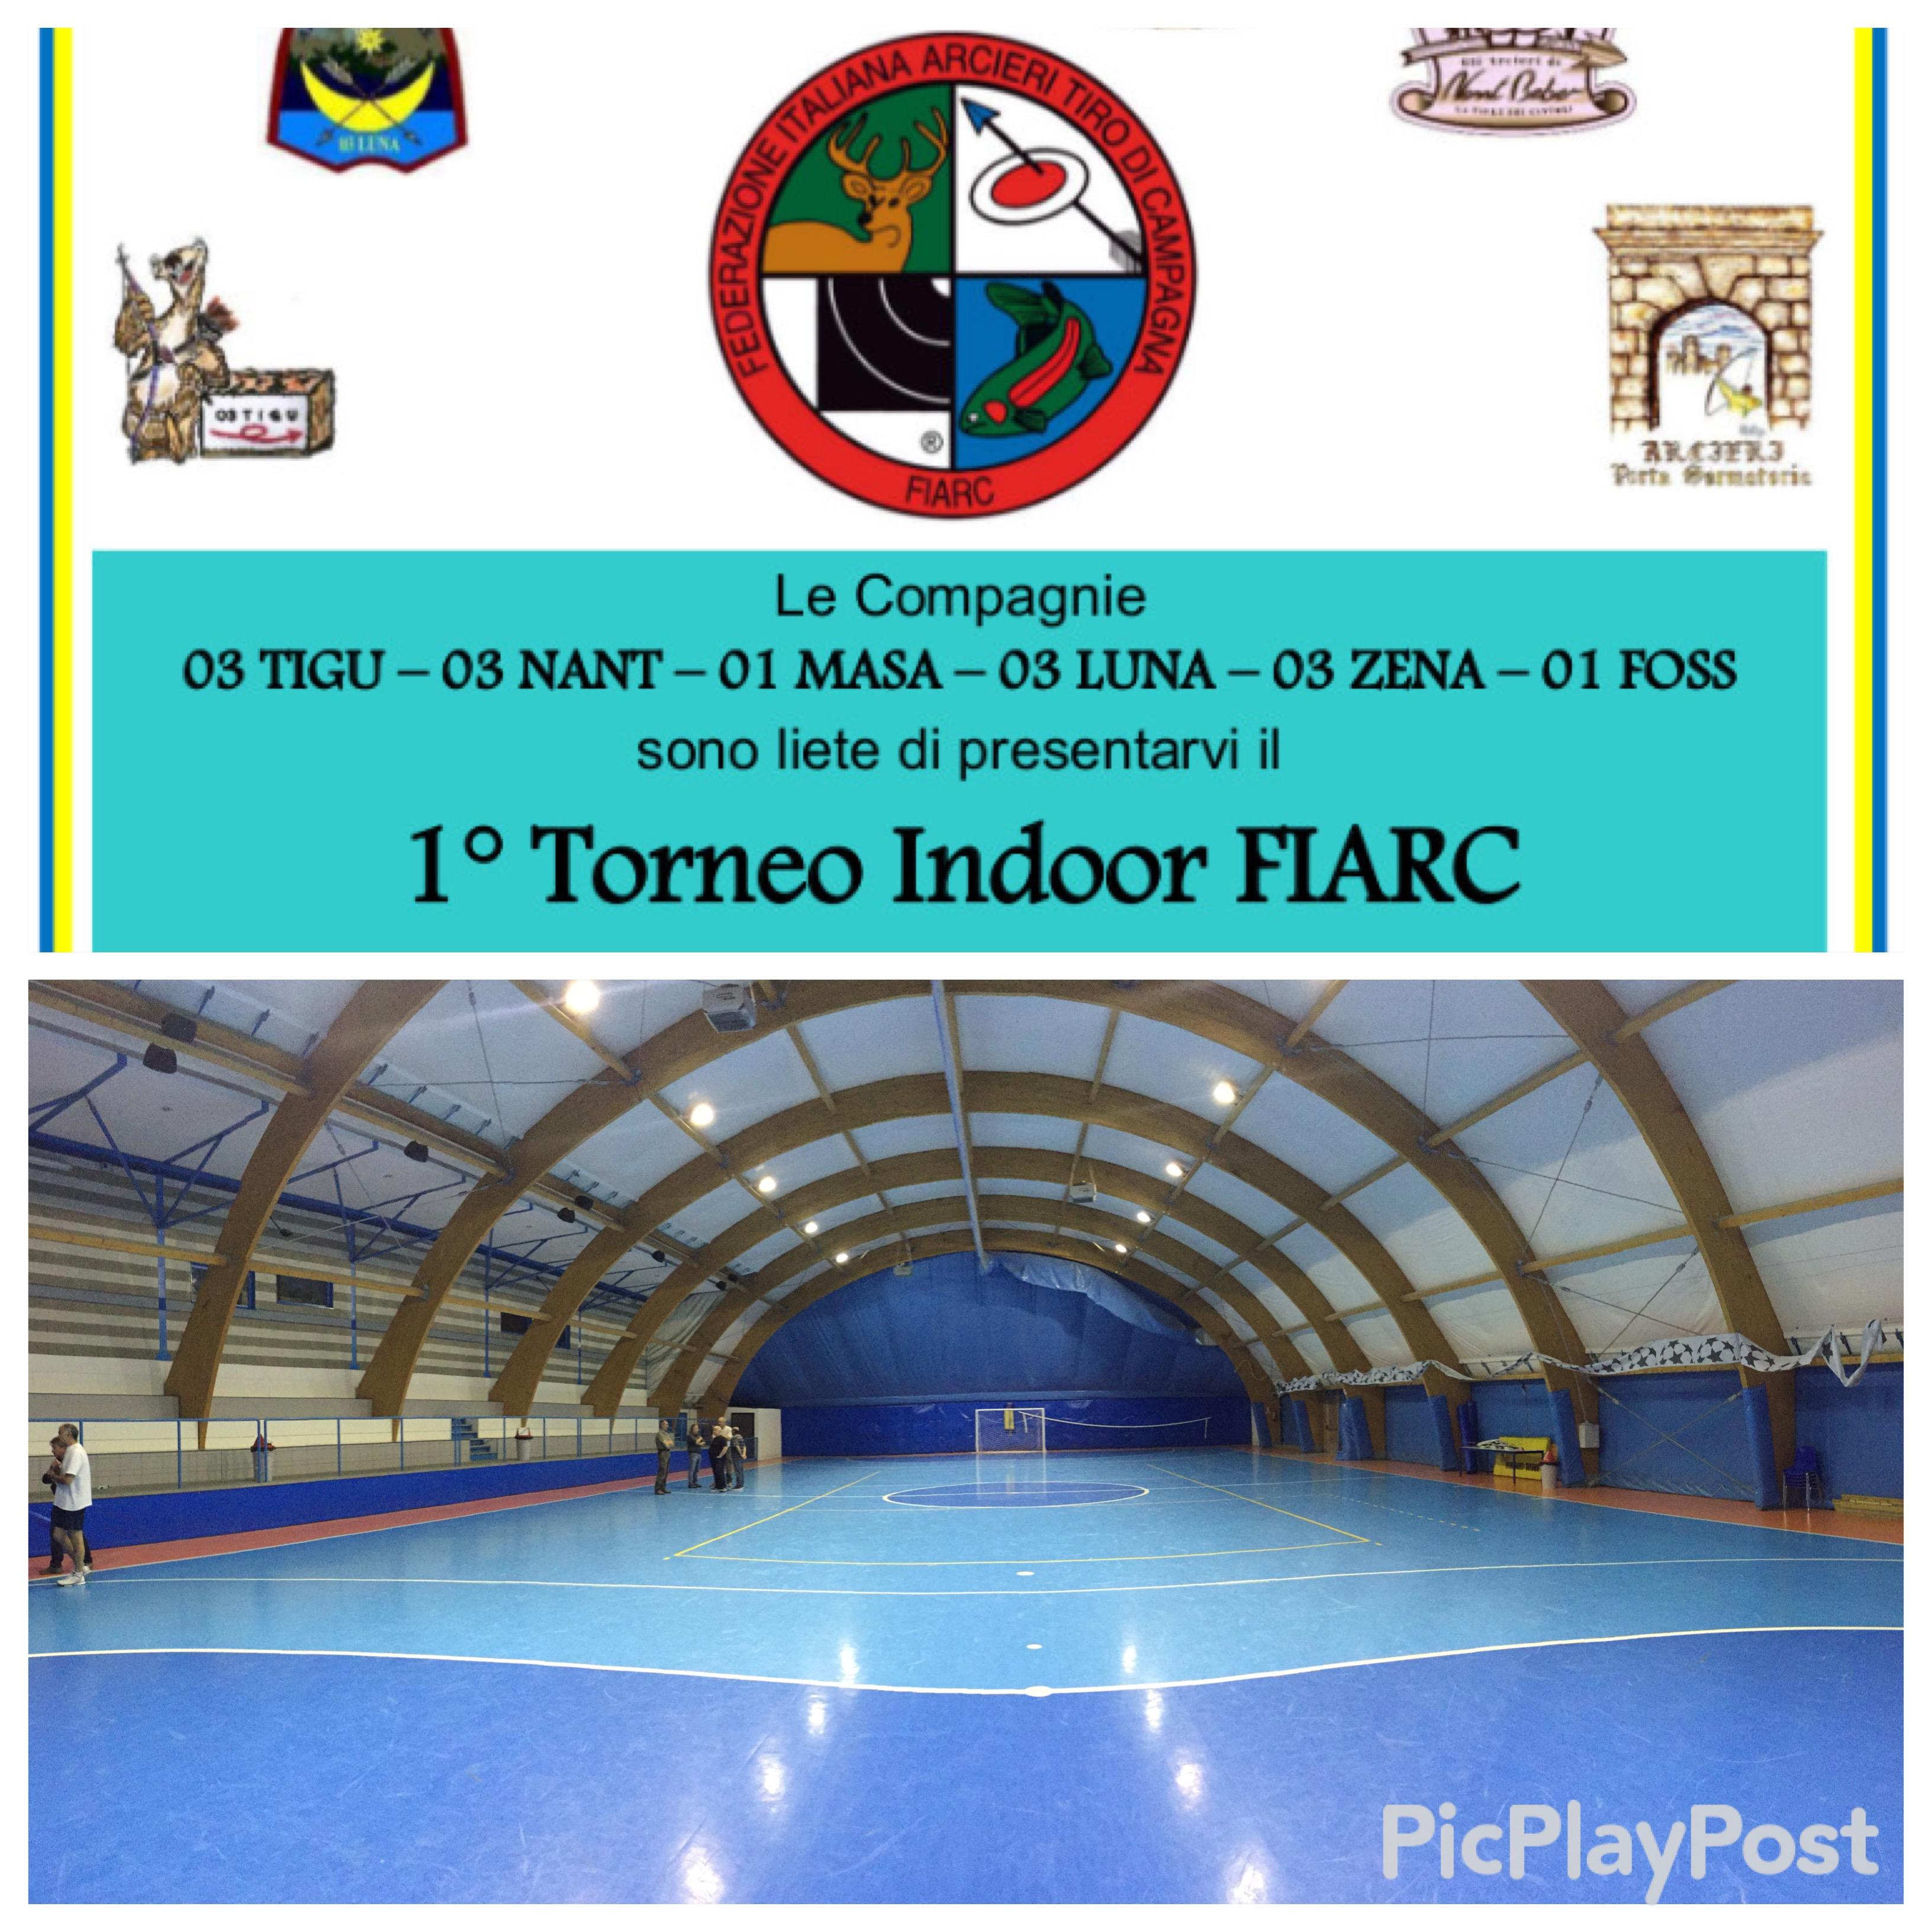 1° Torneo Indoor FIARC